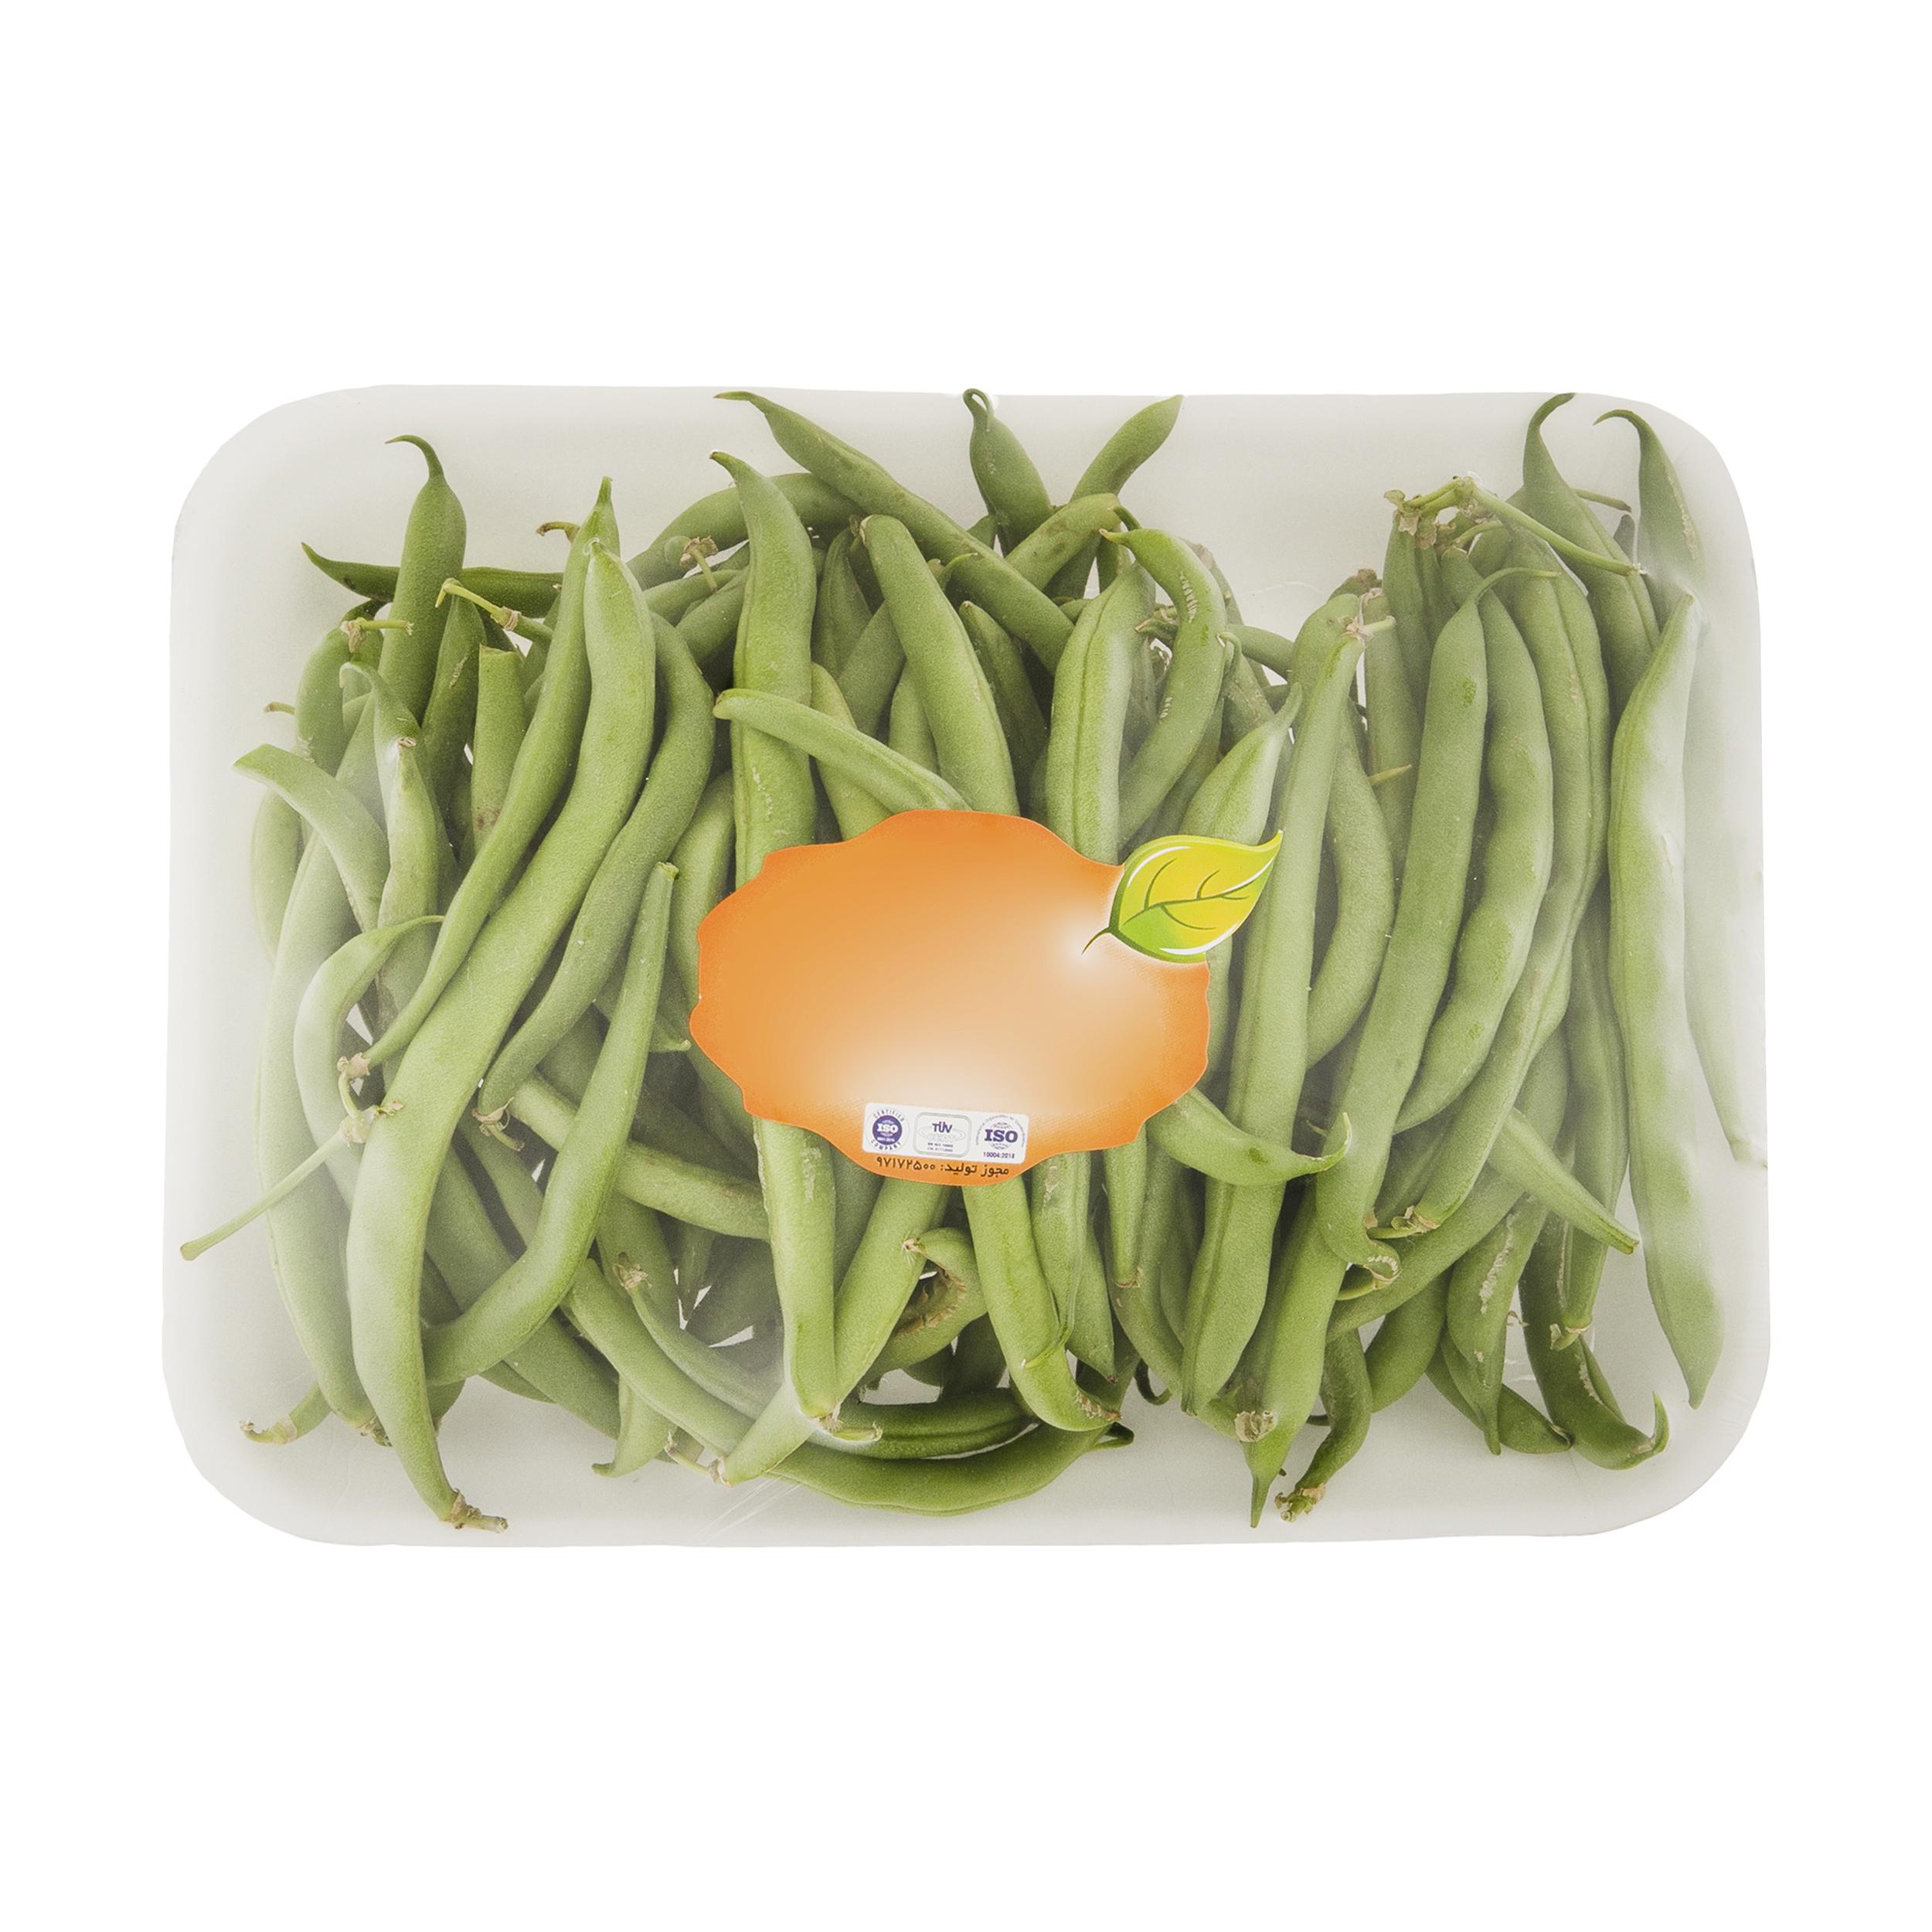 لوبیا سبز میوکات - 1 کیلوگرم thumb